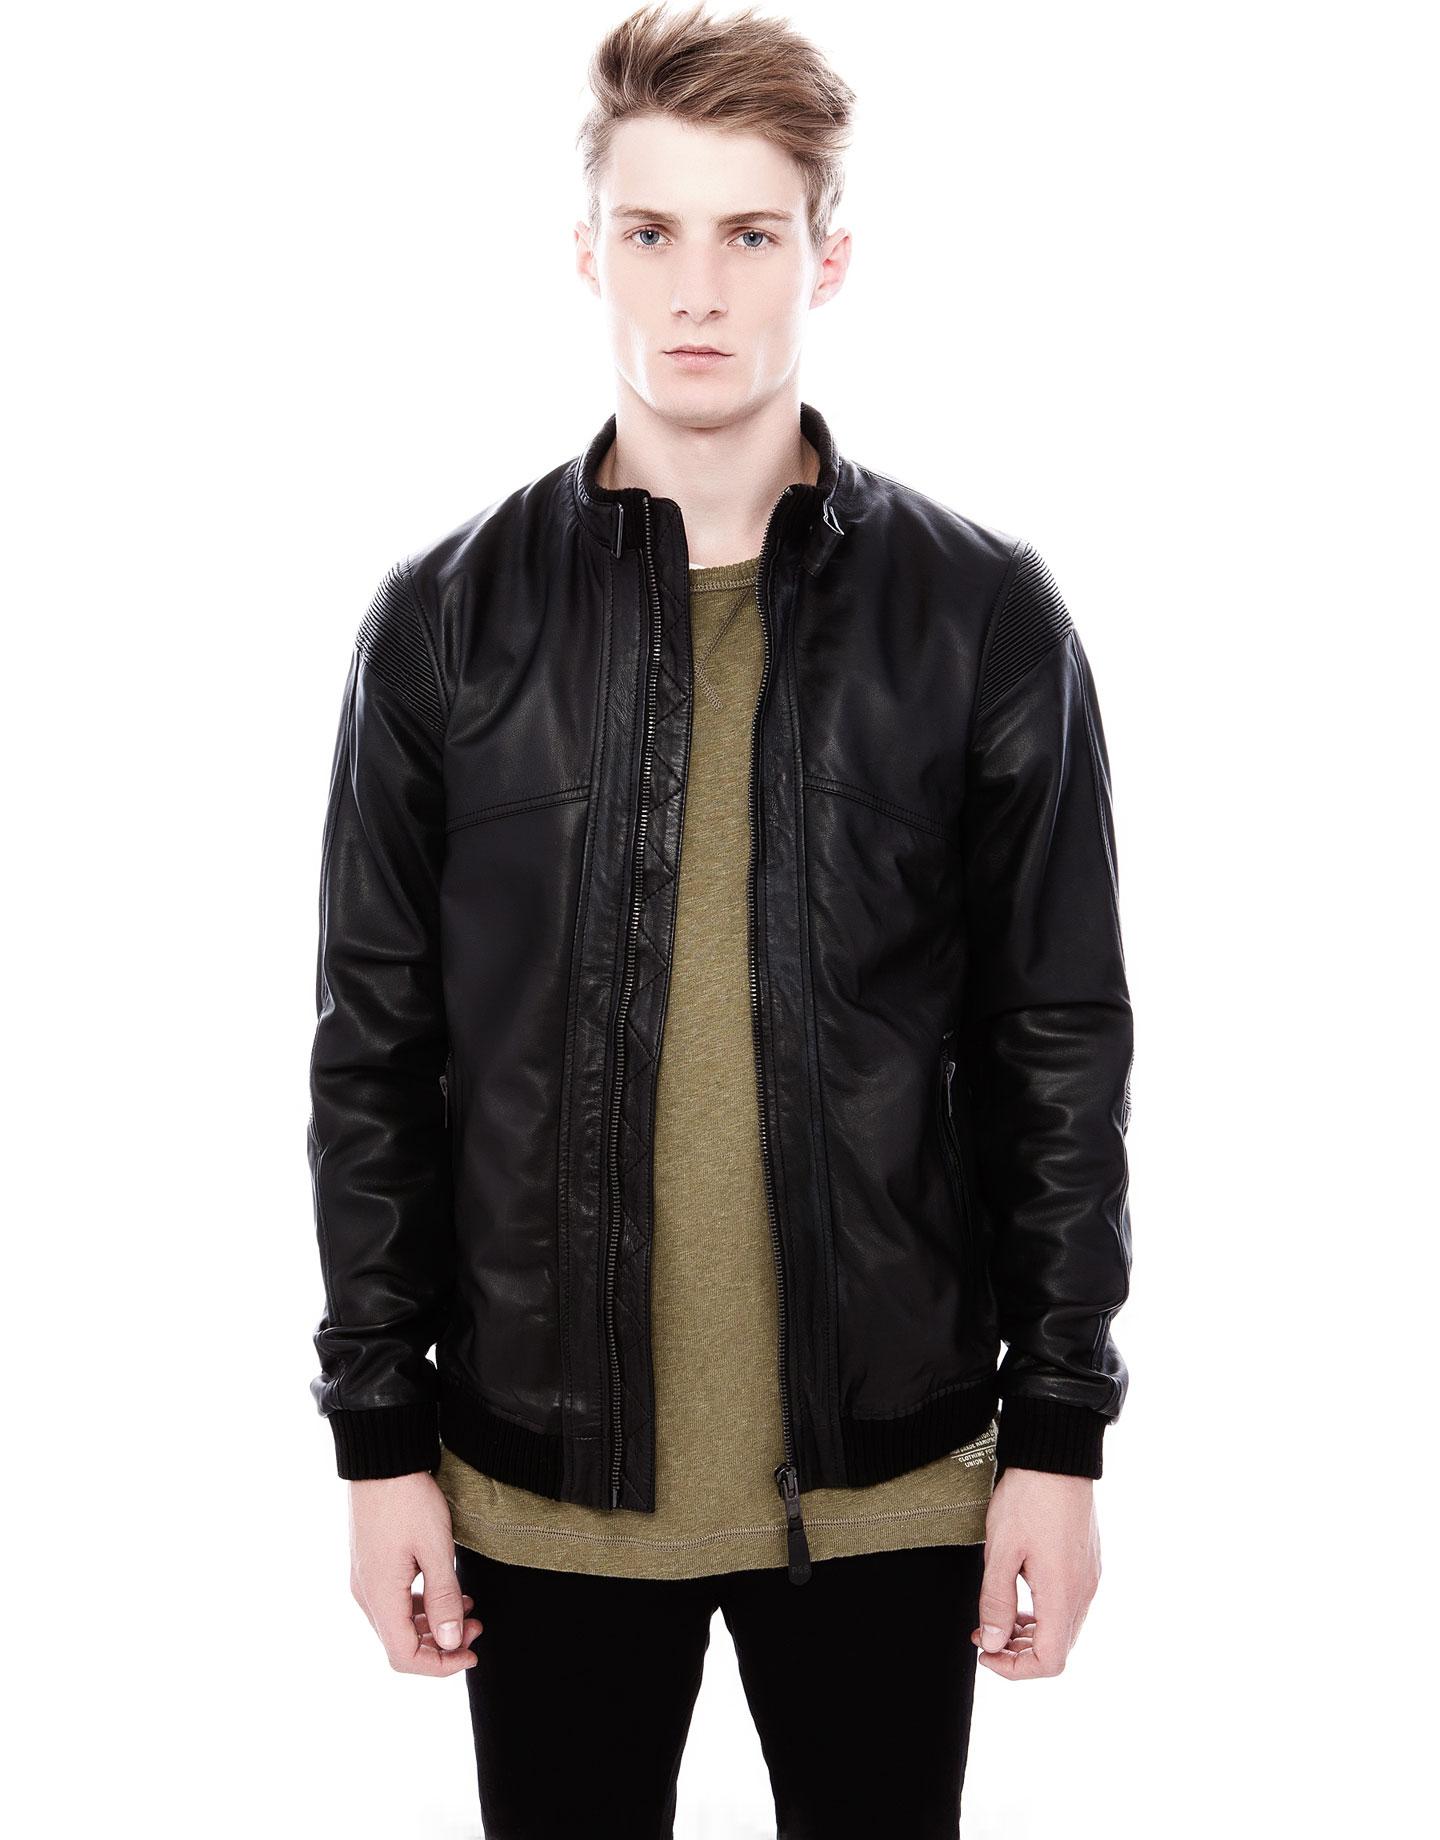 pull bear leather jacket in black for men lyst. Black Bedroom Furniture Sets. Home Design Ideas